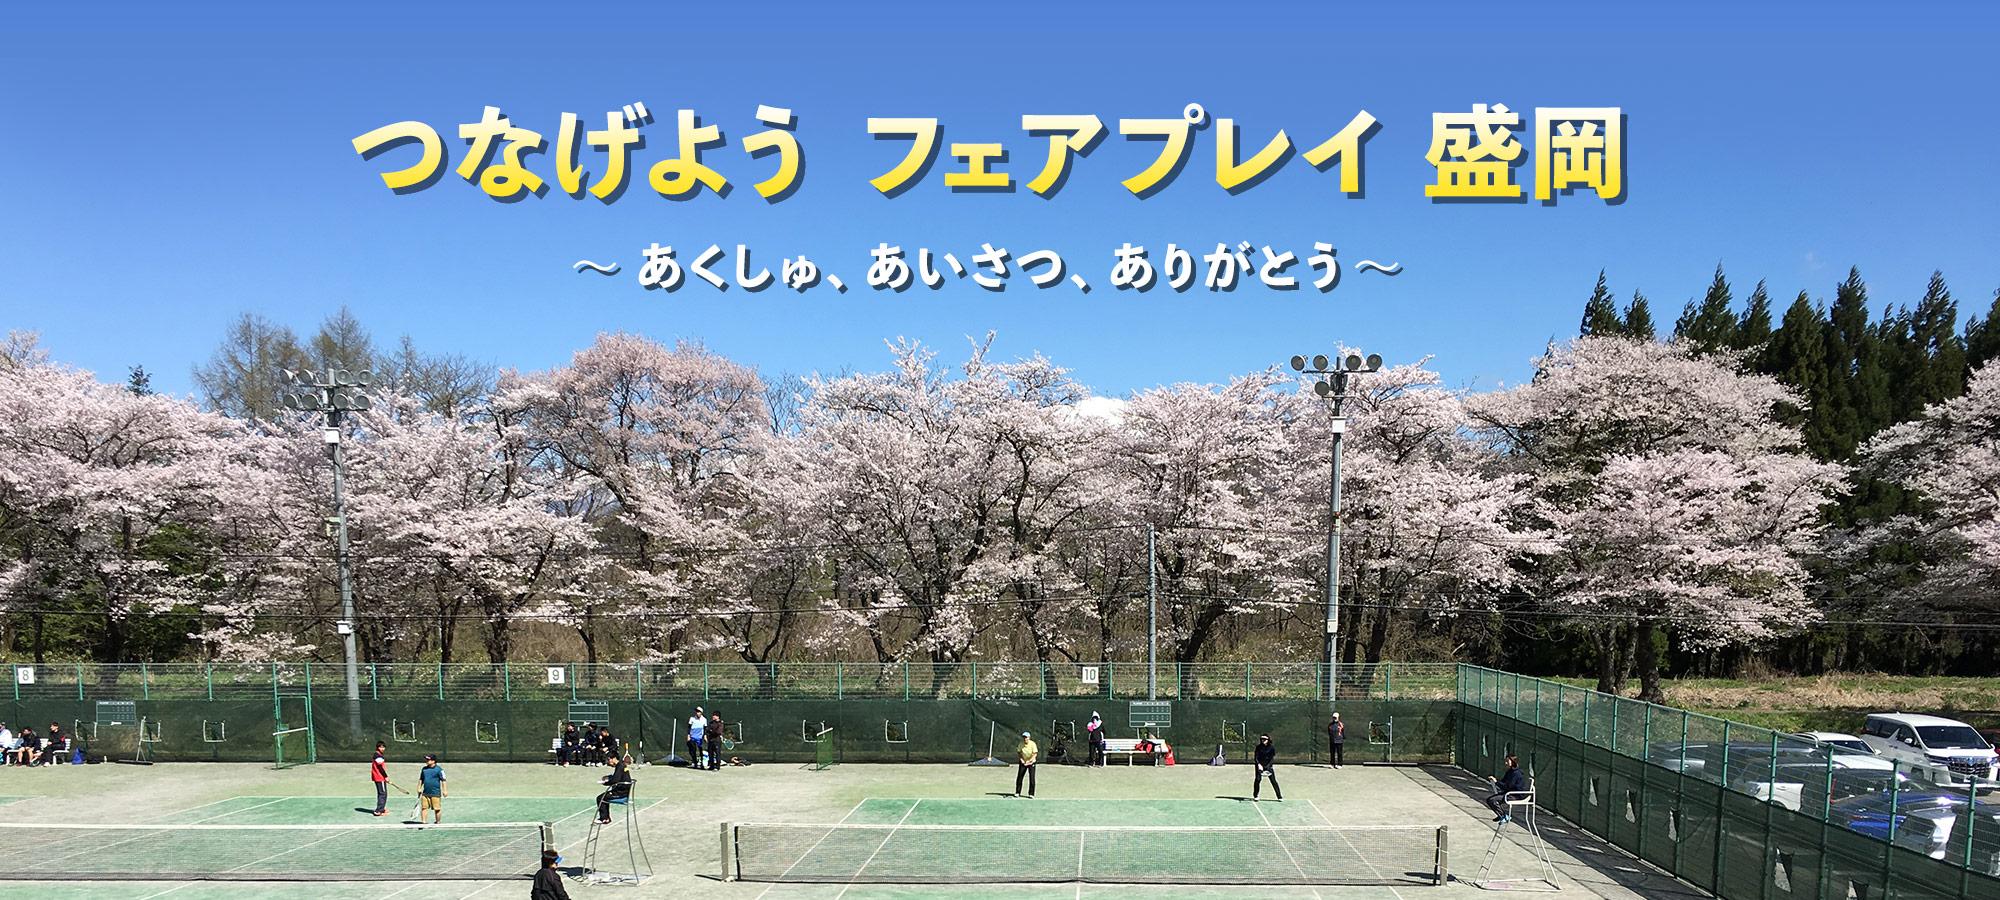 盛岡市ソフトテニス協会